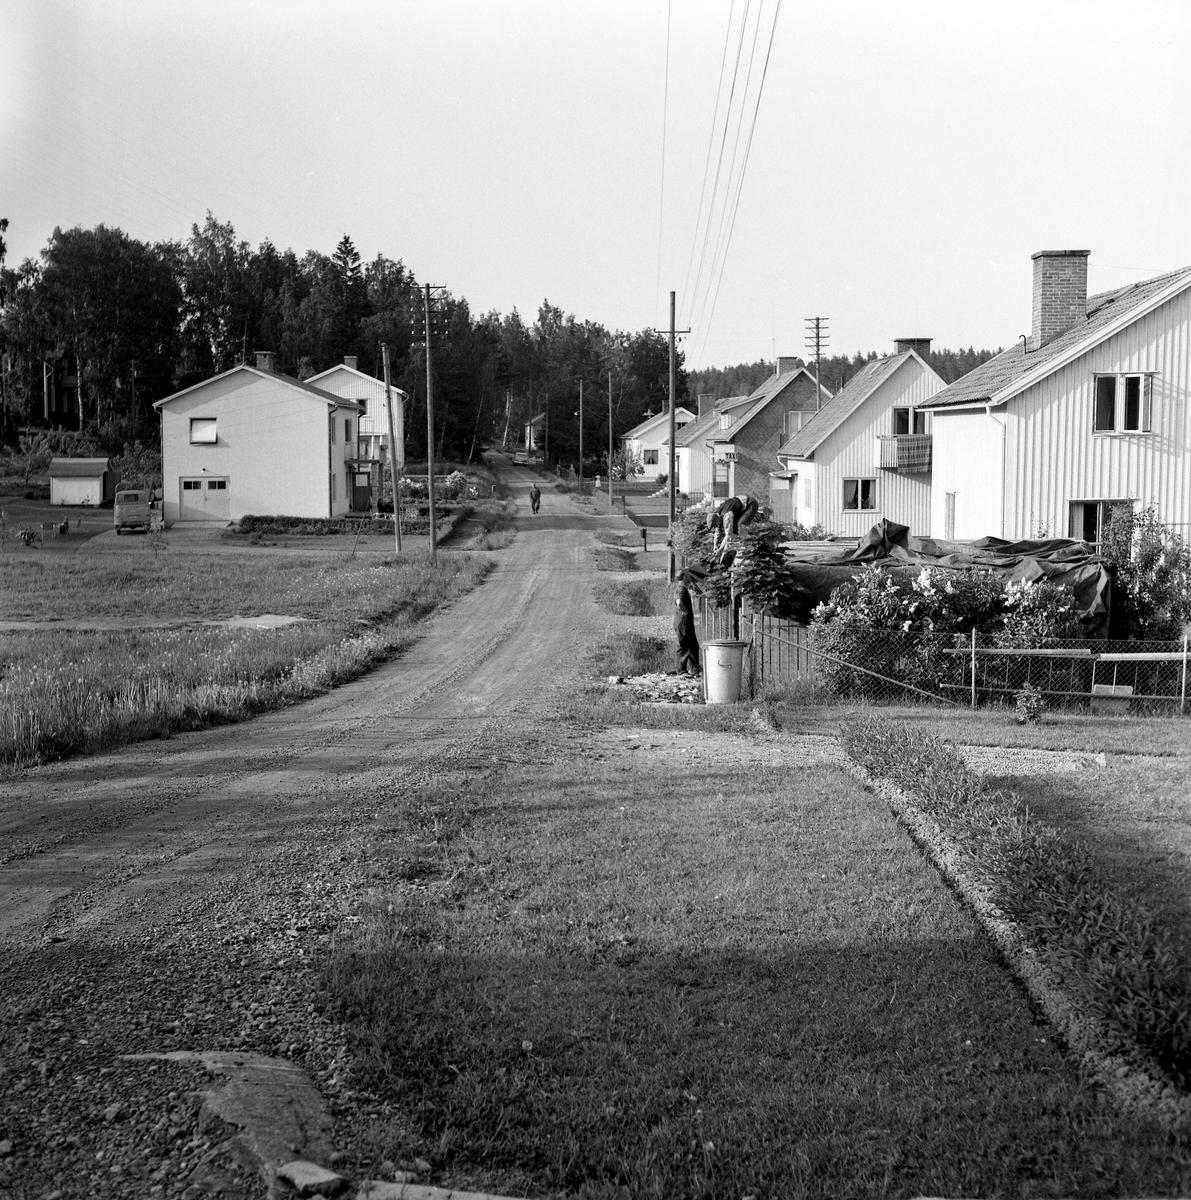 Någonstans i Värmland - från slutet av 1950-talet. Kommentar från en användare: Älvenäs, gatan rakt fram är Spinnaregatan, och längst ner ligger ungkarlshotellet. Alla husen är rivna men gatan finns kvar! Jag bodde i det vänstra huset 1966. Bakom granskogen går i dag E18 fram.